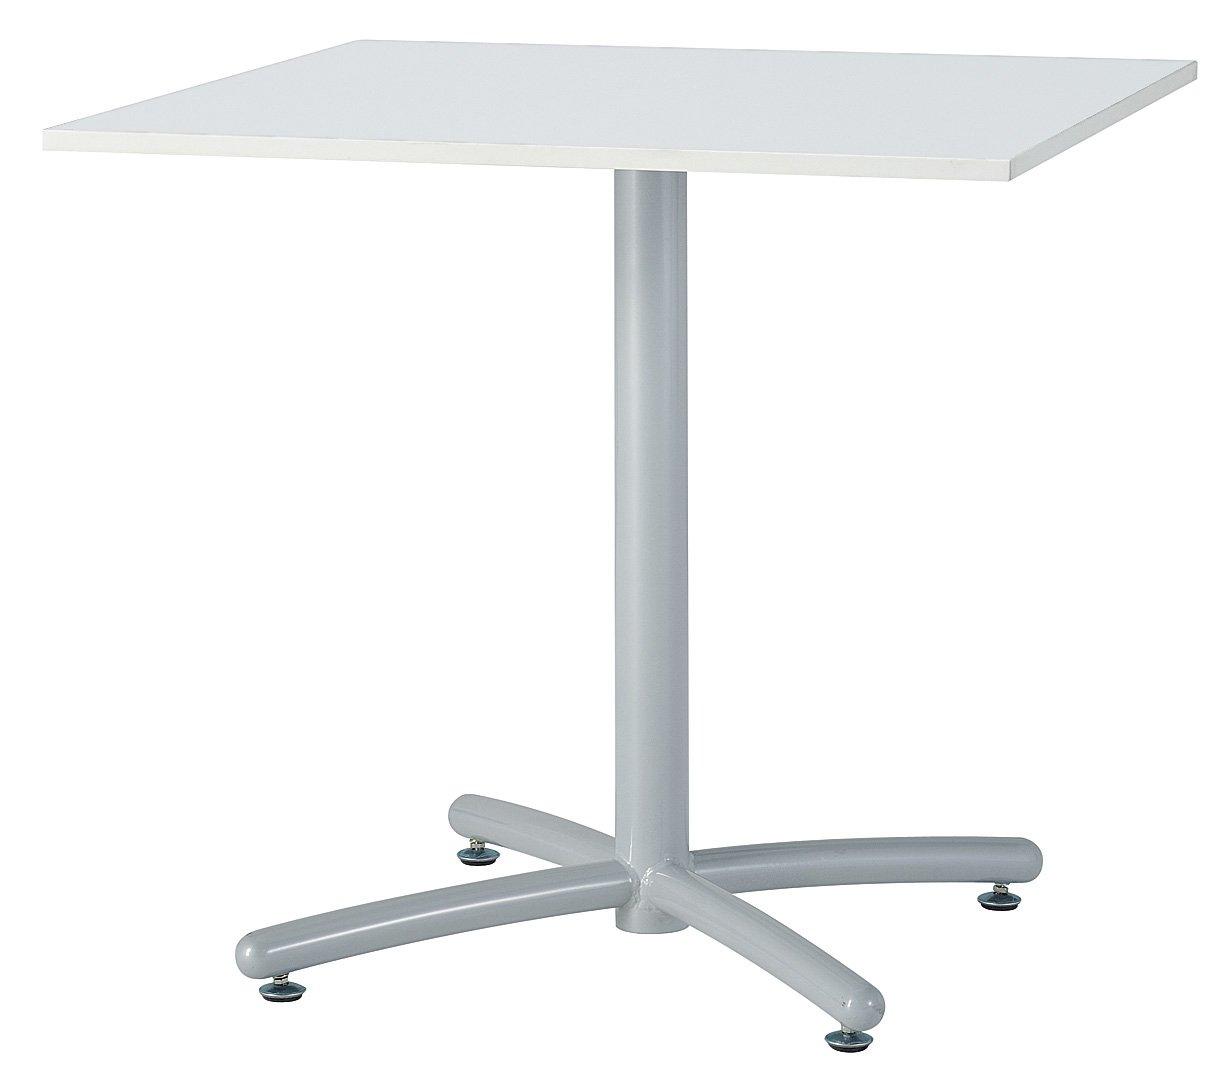 UTS-S750K テーブル ミーティングテーブル 会議用テーブル W750*D750*H700mm 750角天板 [3色から選べる天板] 天板:16mm厚 脚:シルバー 天板カラー:ホワイト(WH) B00JRW3XFQ 天板:ホワイト 天板:ホワイト